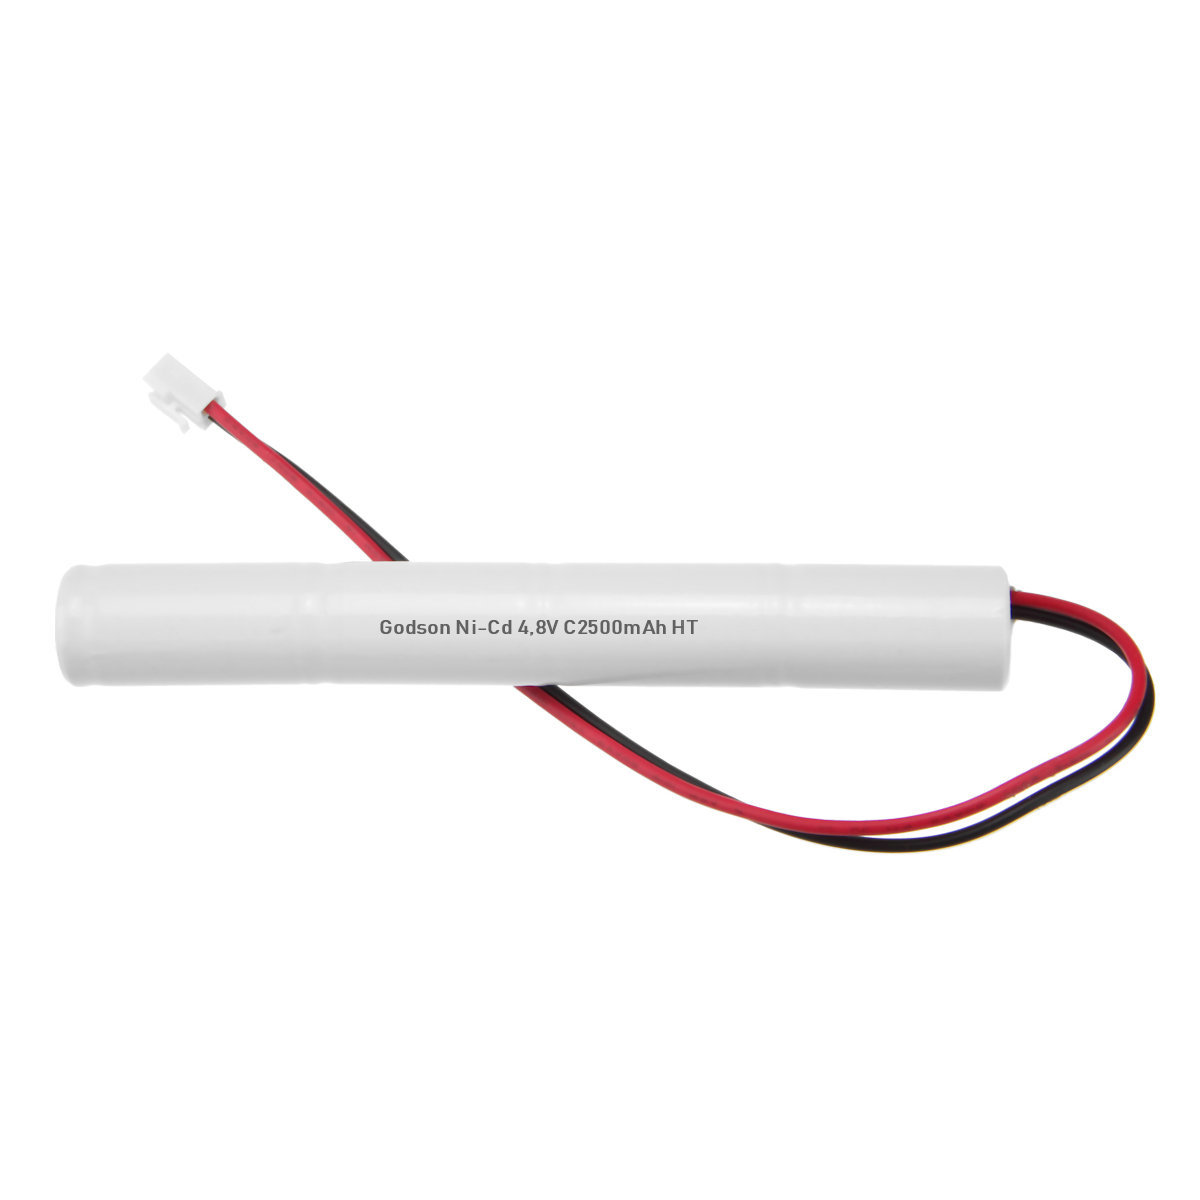 Внешний вид аккумуляторной батареи для аварийных светильников Ni-Cd 4.8V C 2500mAh HT Godson Technology